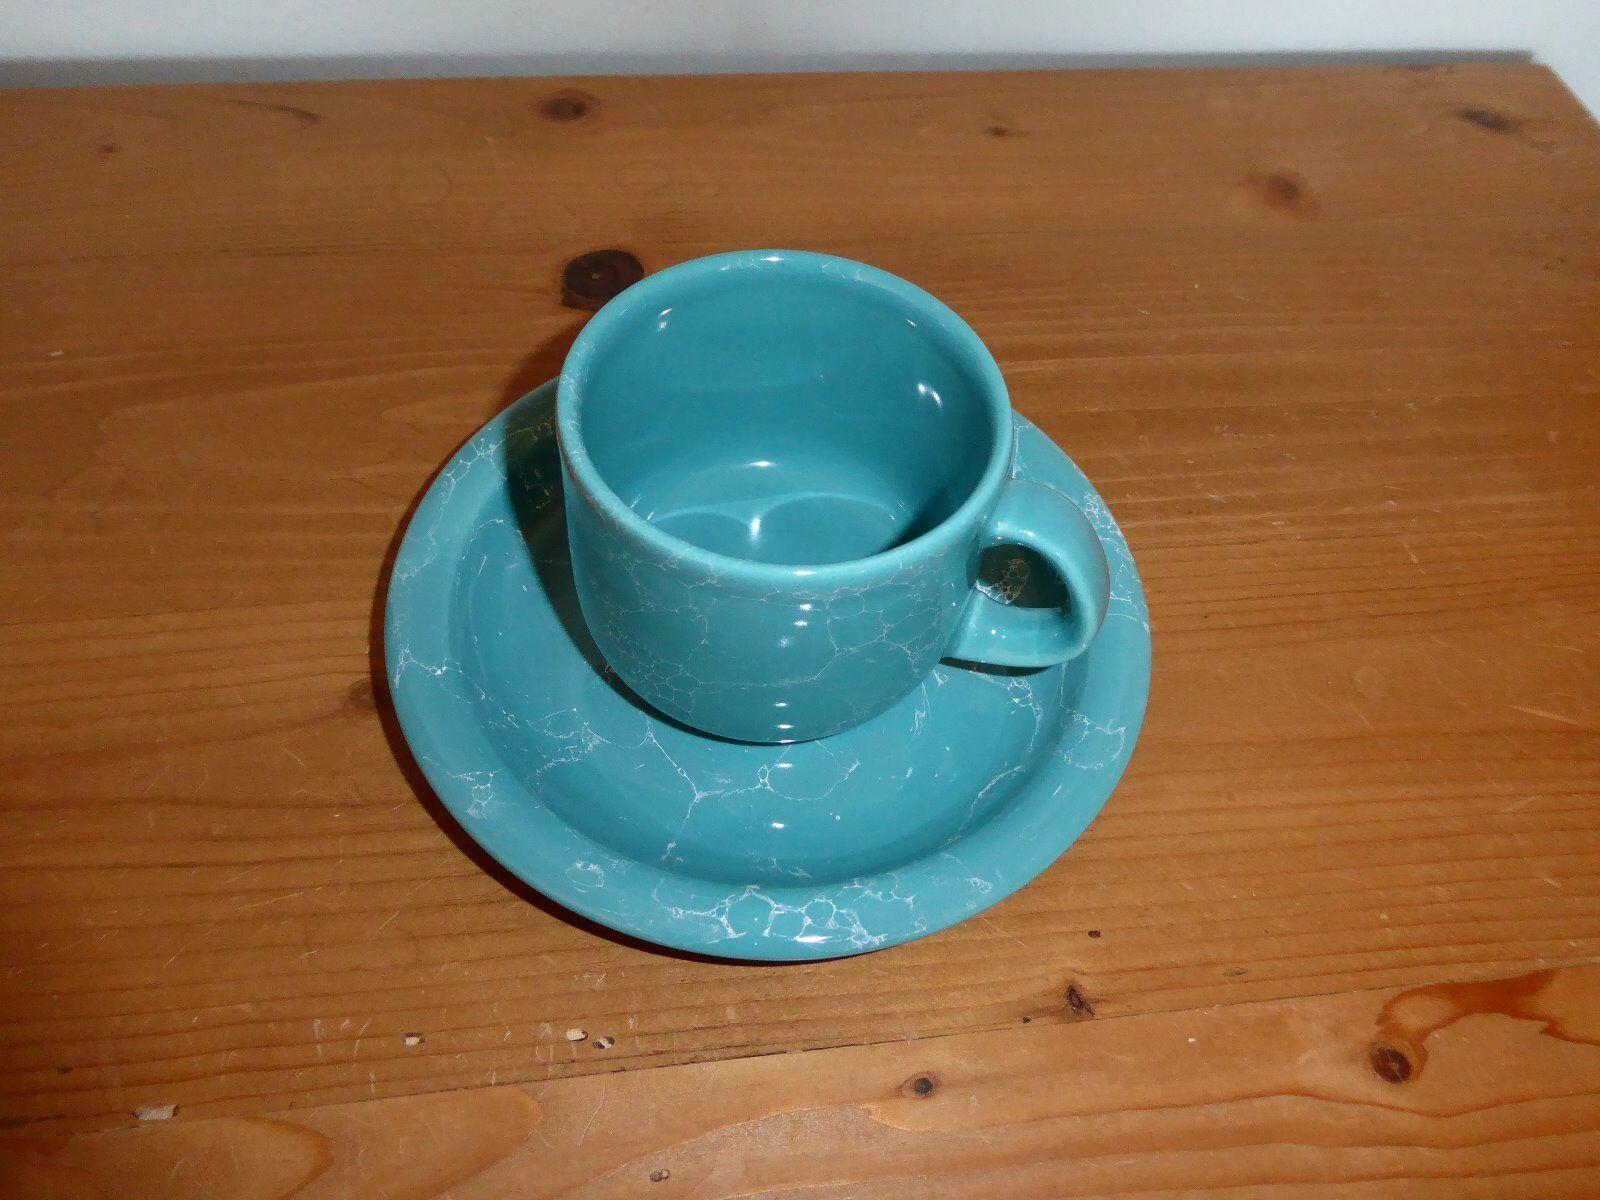 Wächtersbach Keramik, 6 Kaffeetassen mit Untertassen, türkis türkis türkis weiß marmoriert | Hohe Qualität und günstig  7d5123